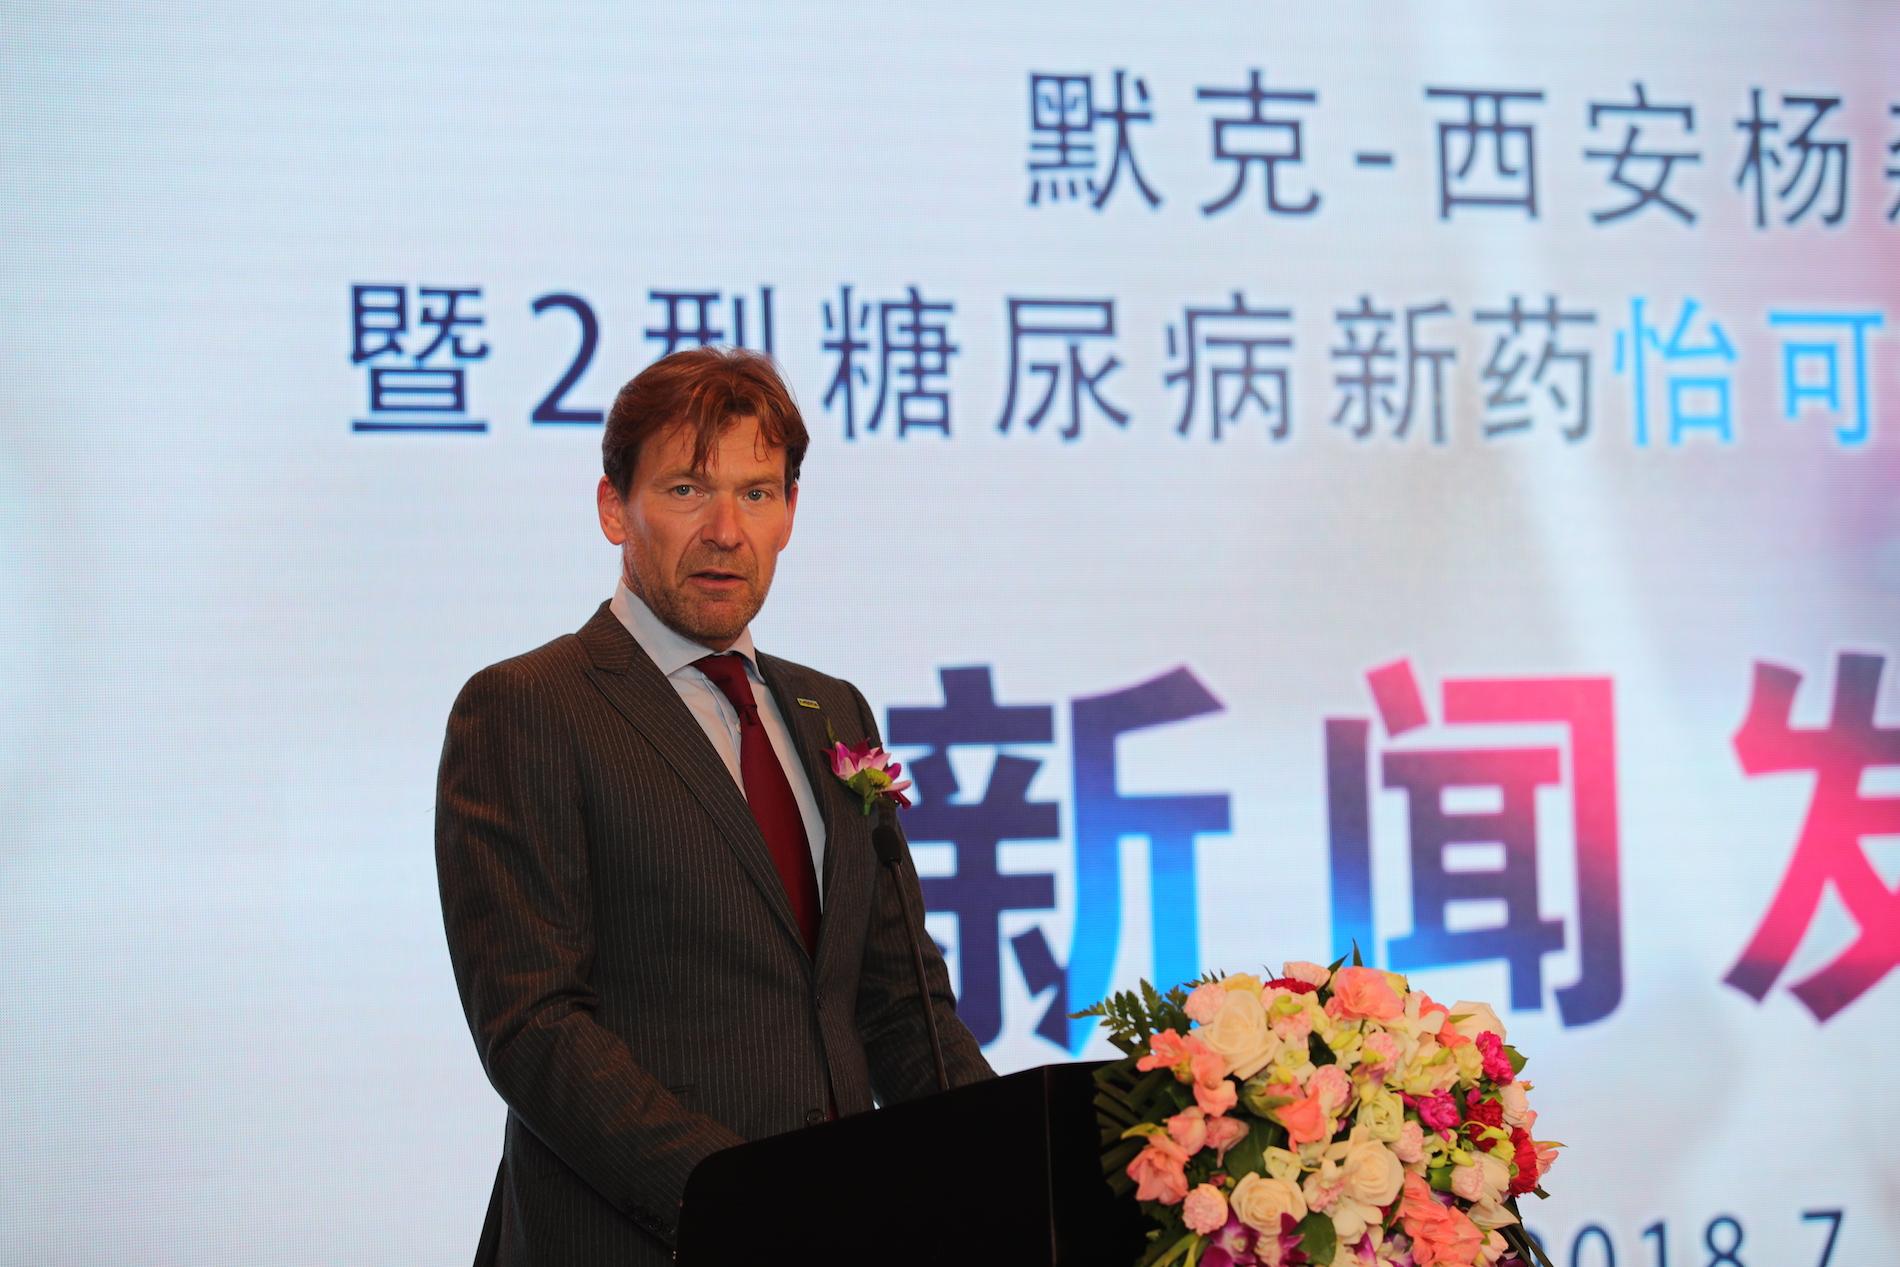 2型糖尿病治疗新型药物怡可安®(卡格列净)中国上市